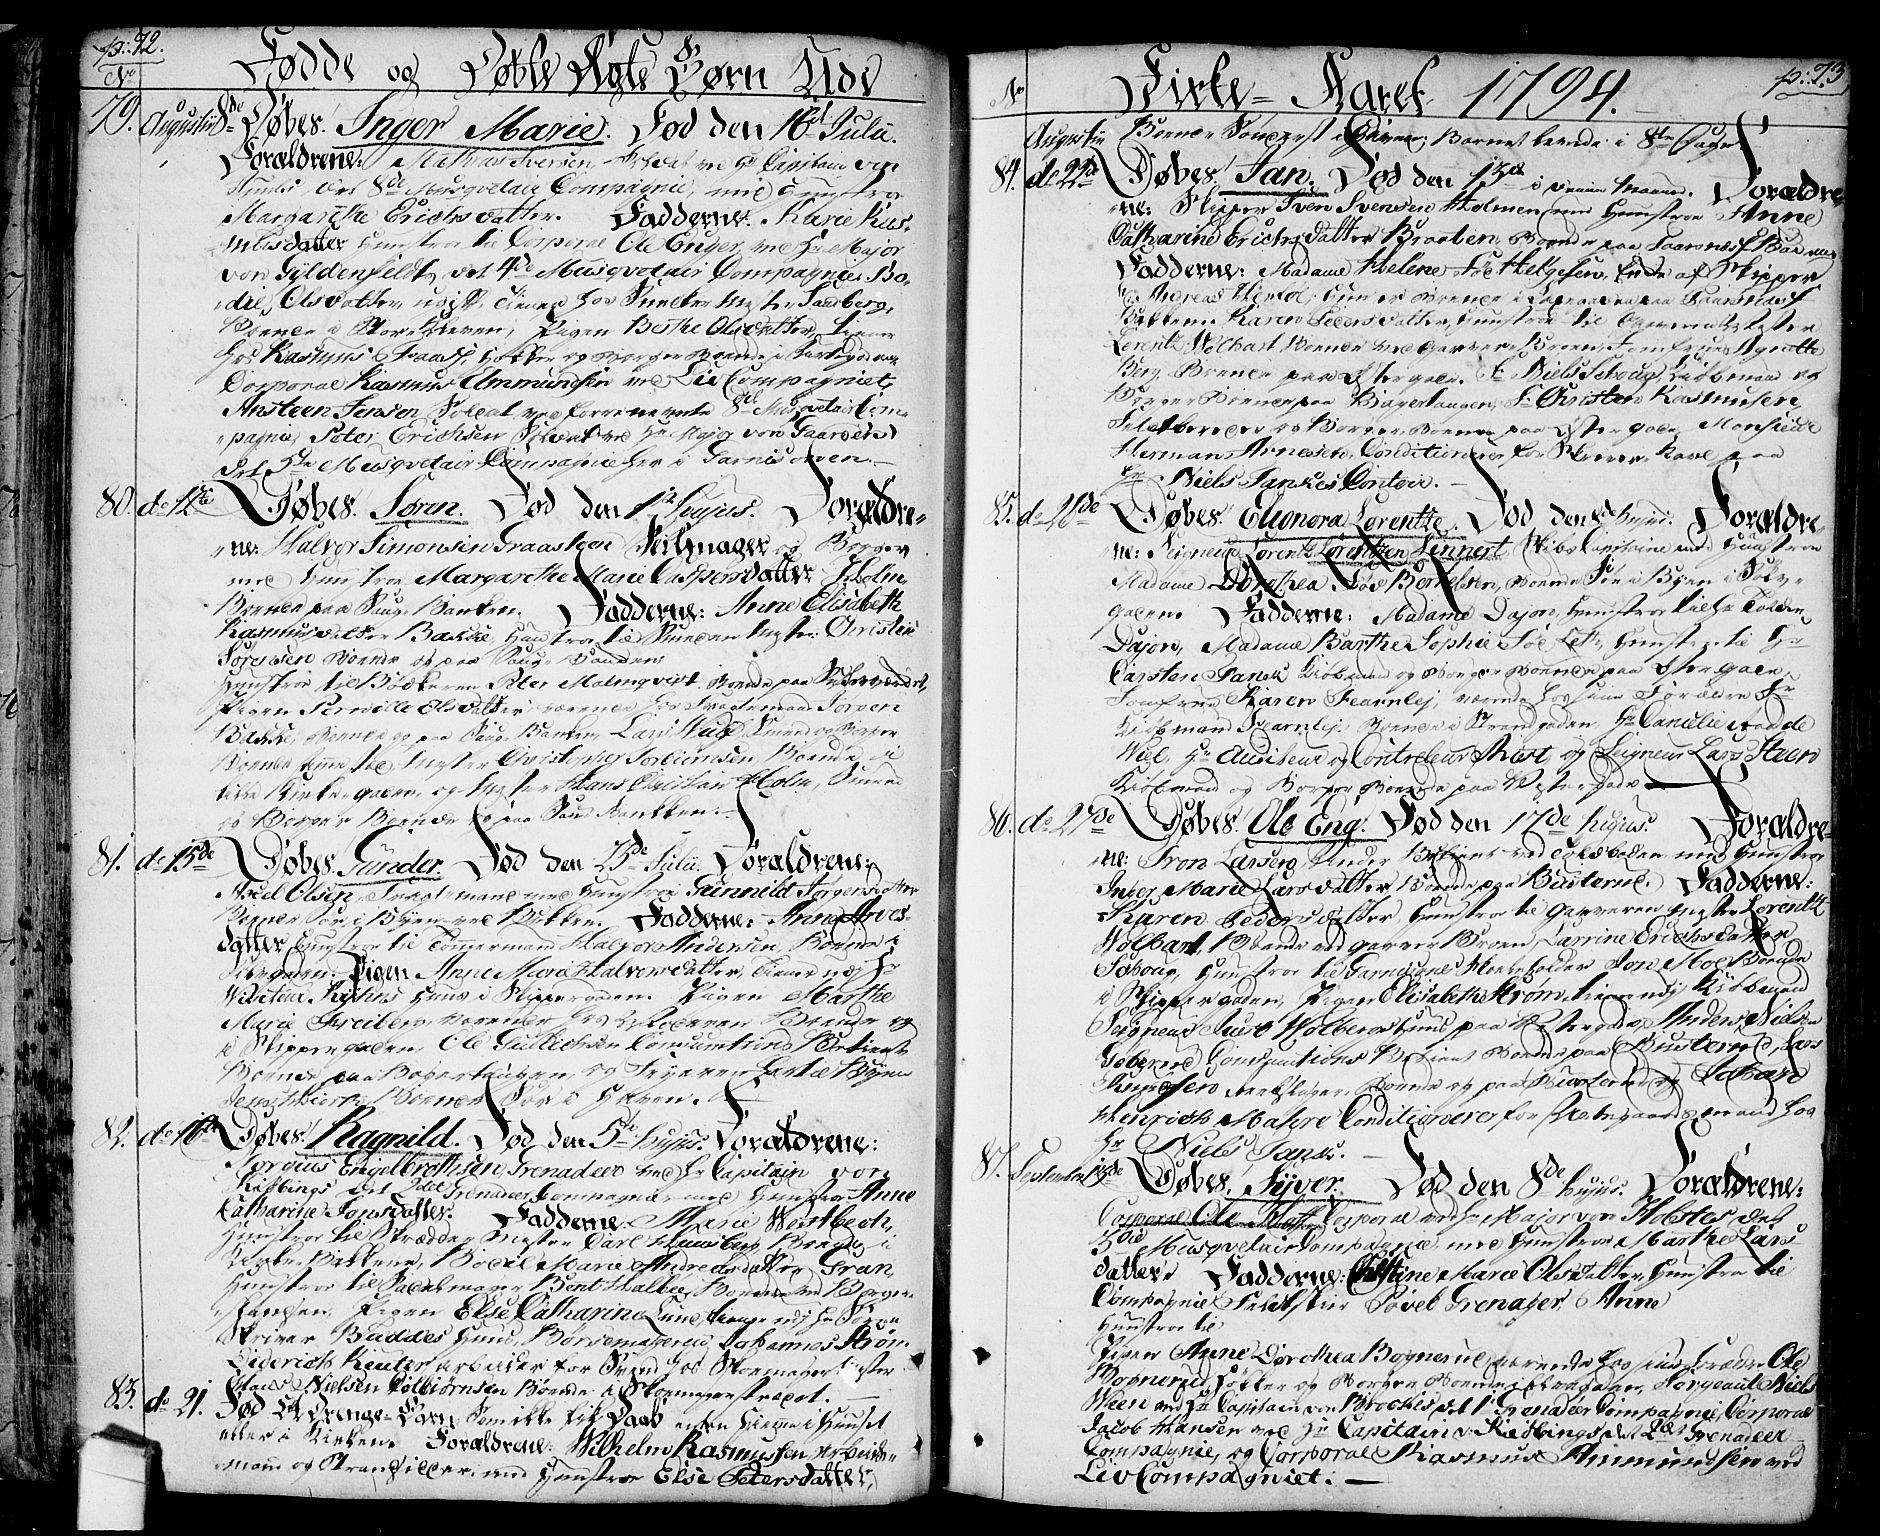 SAO, Halden prestekontor Kirkebøker, F/Fa/L0002: Ministerialbok nr. I 2, 1792-1812, s. 72-73